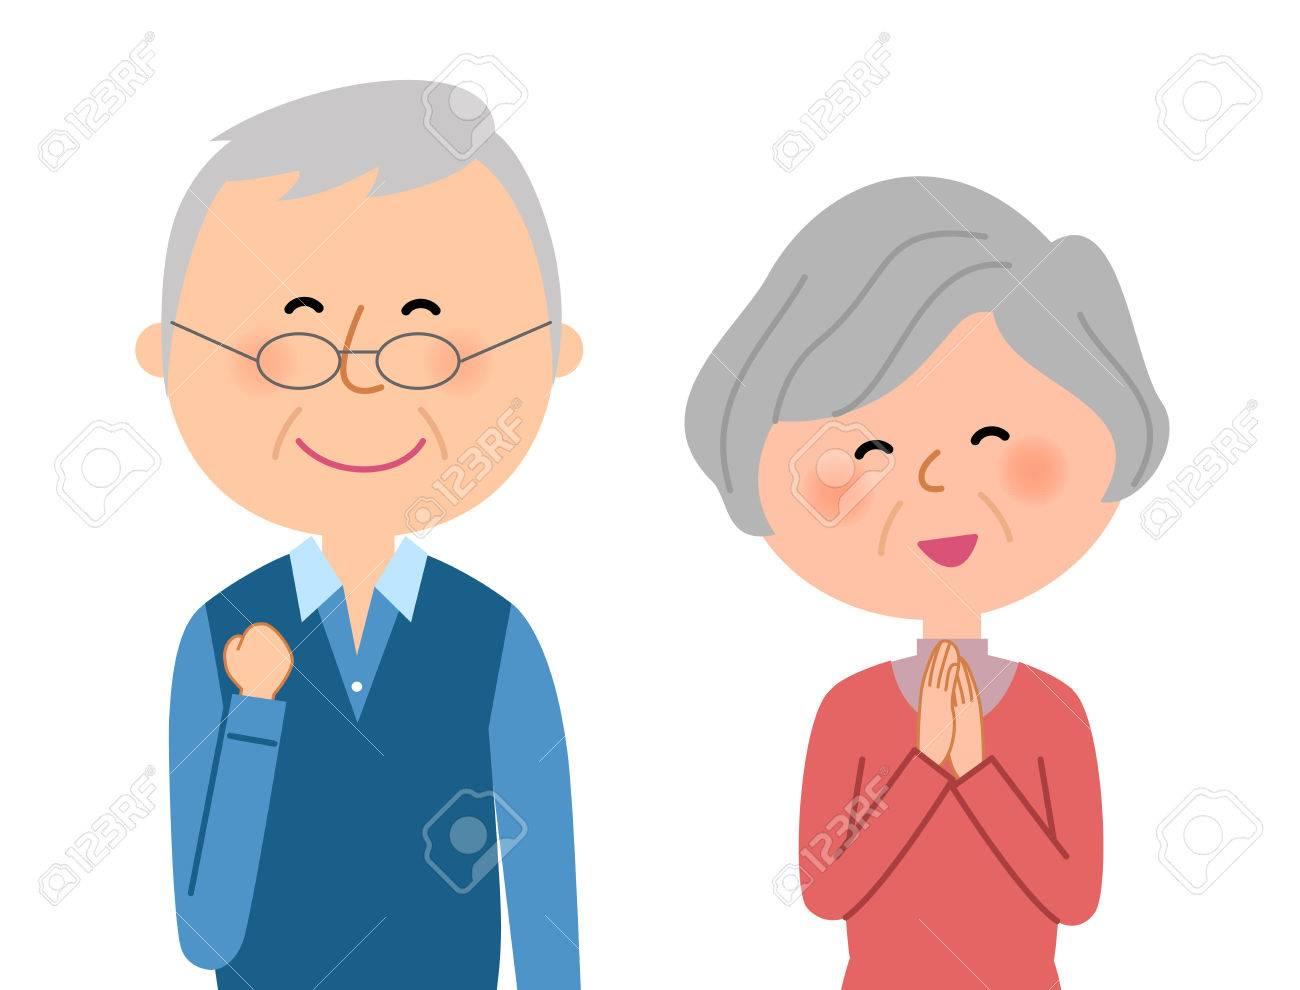 Happy elderly couple - 77878402